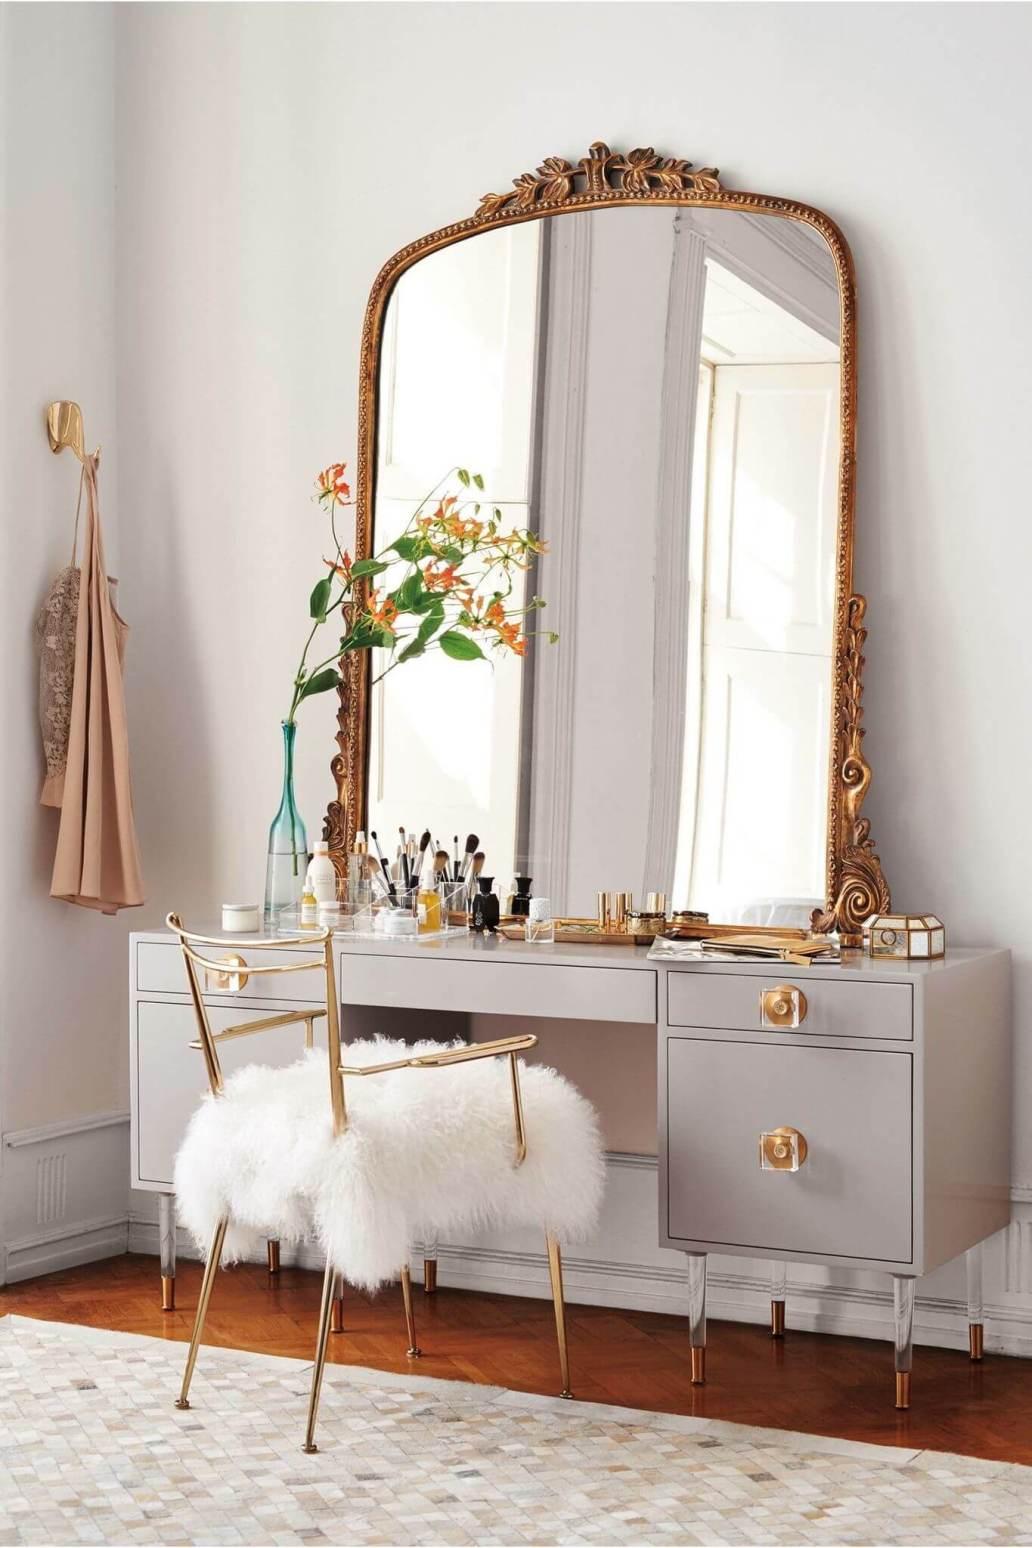 Une coiffeuse élégante ornée dun miroir chiné 2 - Retaper un miroir chiné, les étapes à respecter